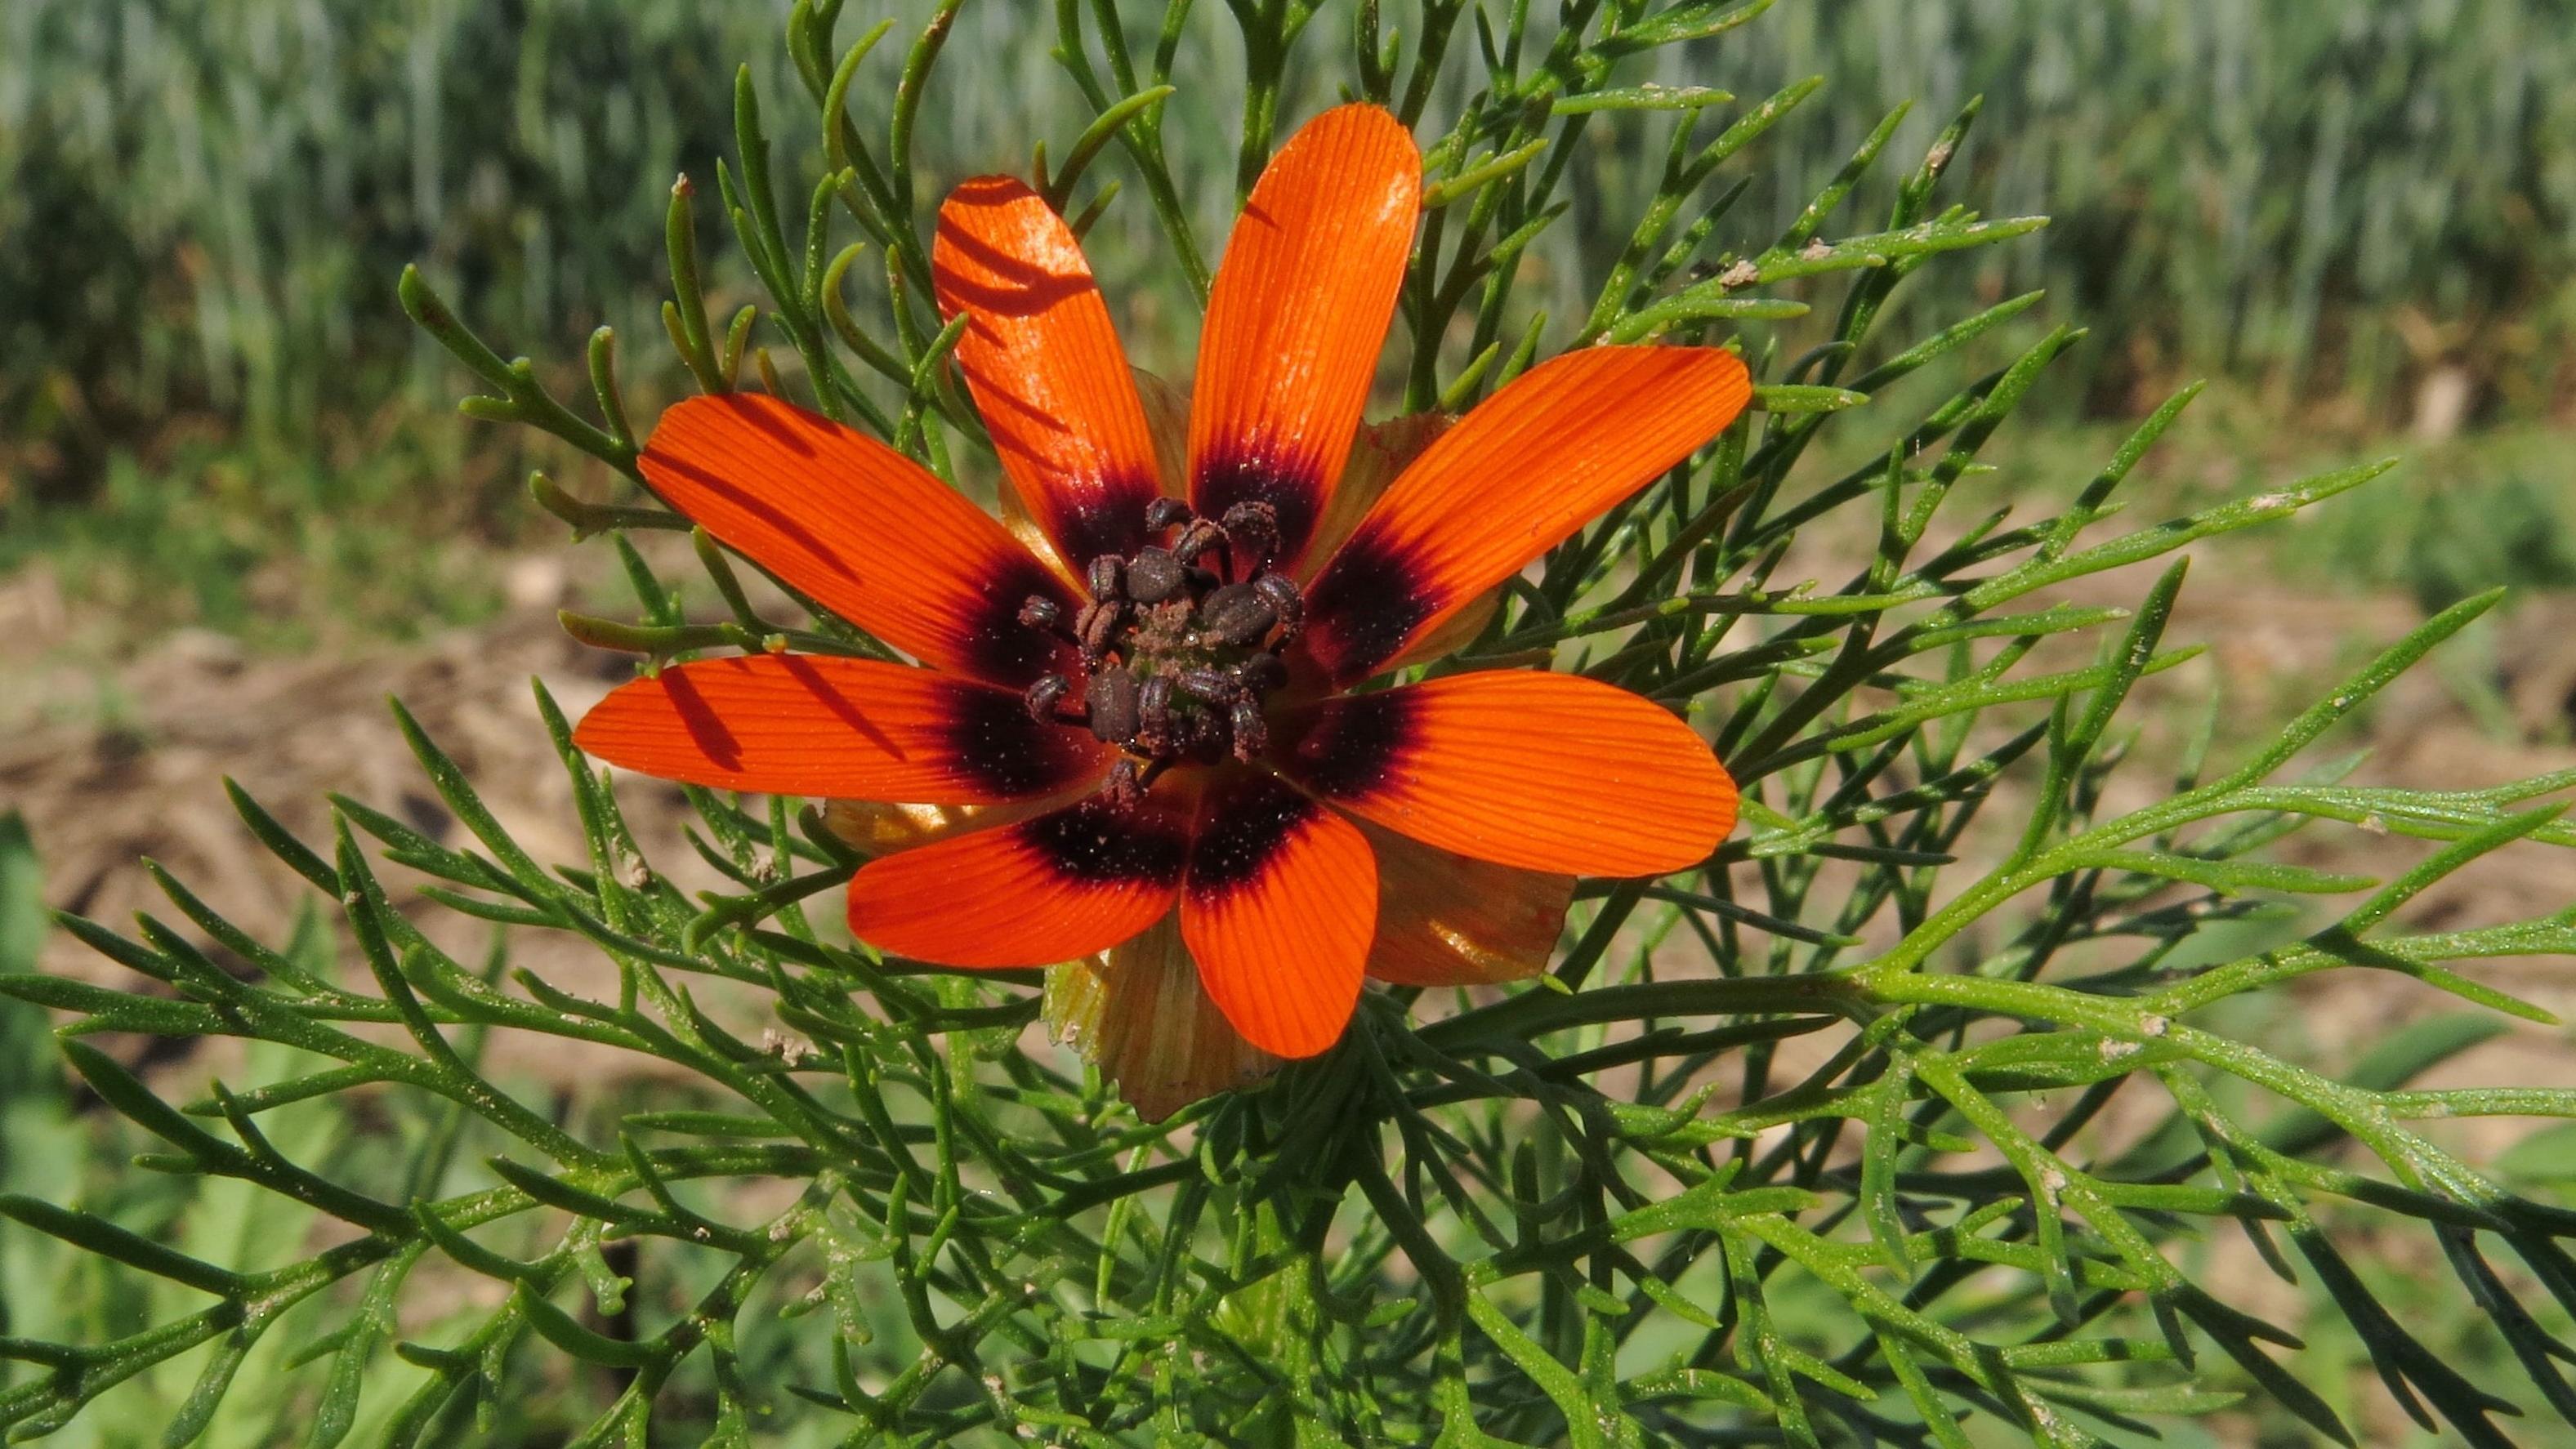 Das Sommer-Adonisröschen (Adonis aestivalis) fühlt sich auf Kalkäckern wohl. Aufgrund der Intensivierung der Landwirtschaft ist es selten geworden und laut der neuen Roten Liste der Pflanzen stark gefährdet.